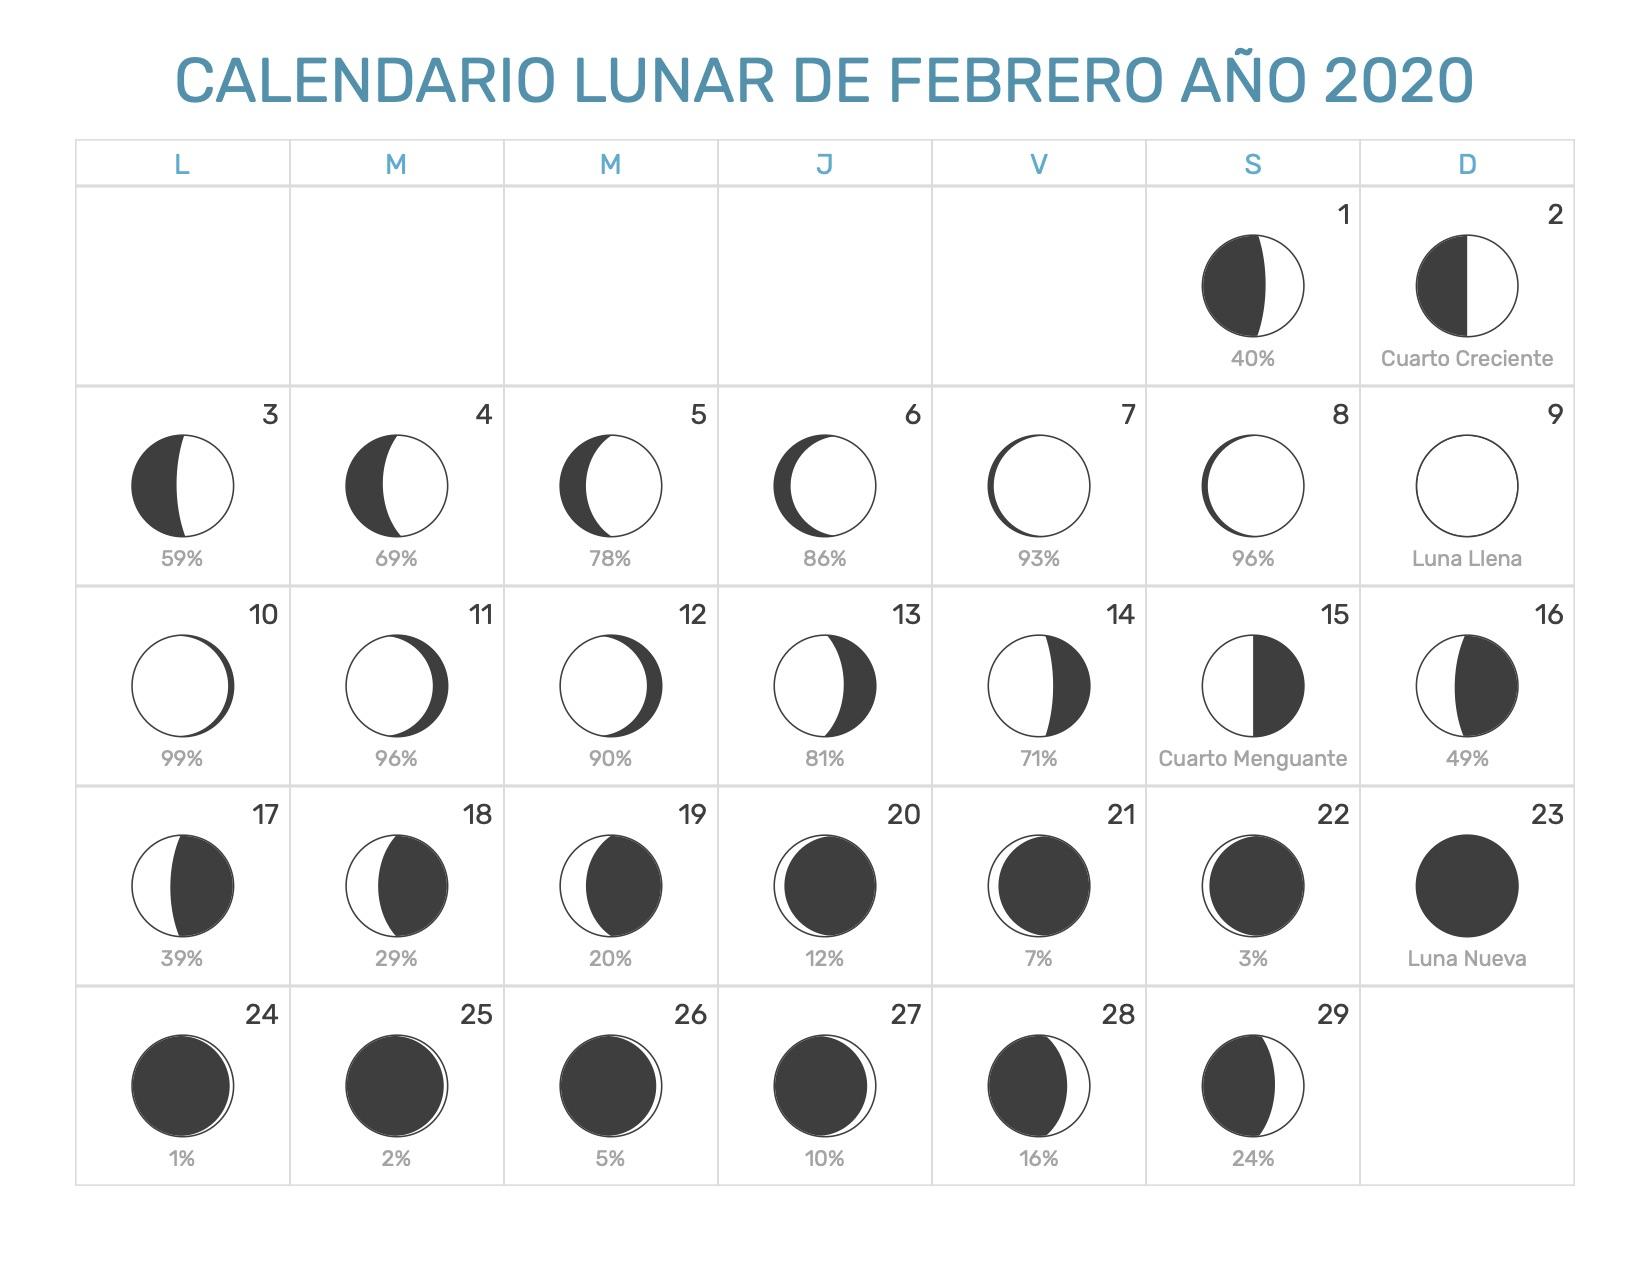 Febrero 2020 Calendario.Calendario Lunar Febrero Ano 2020 Fases Lunares